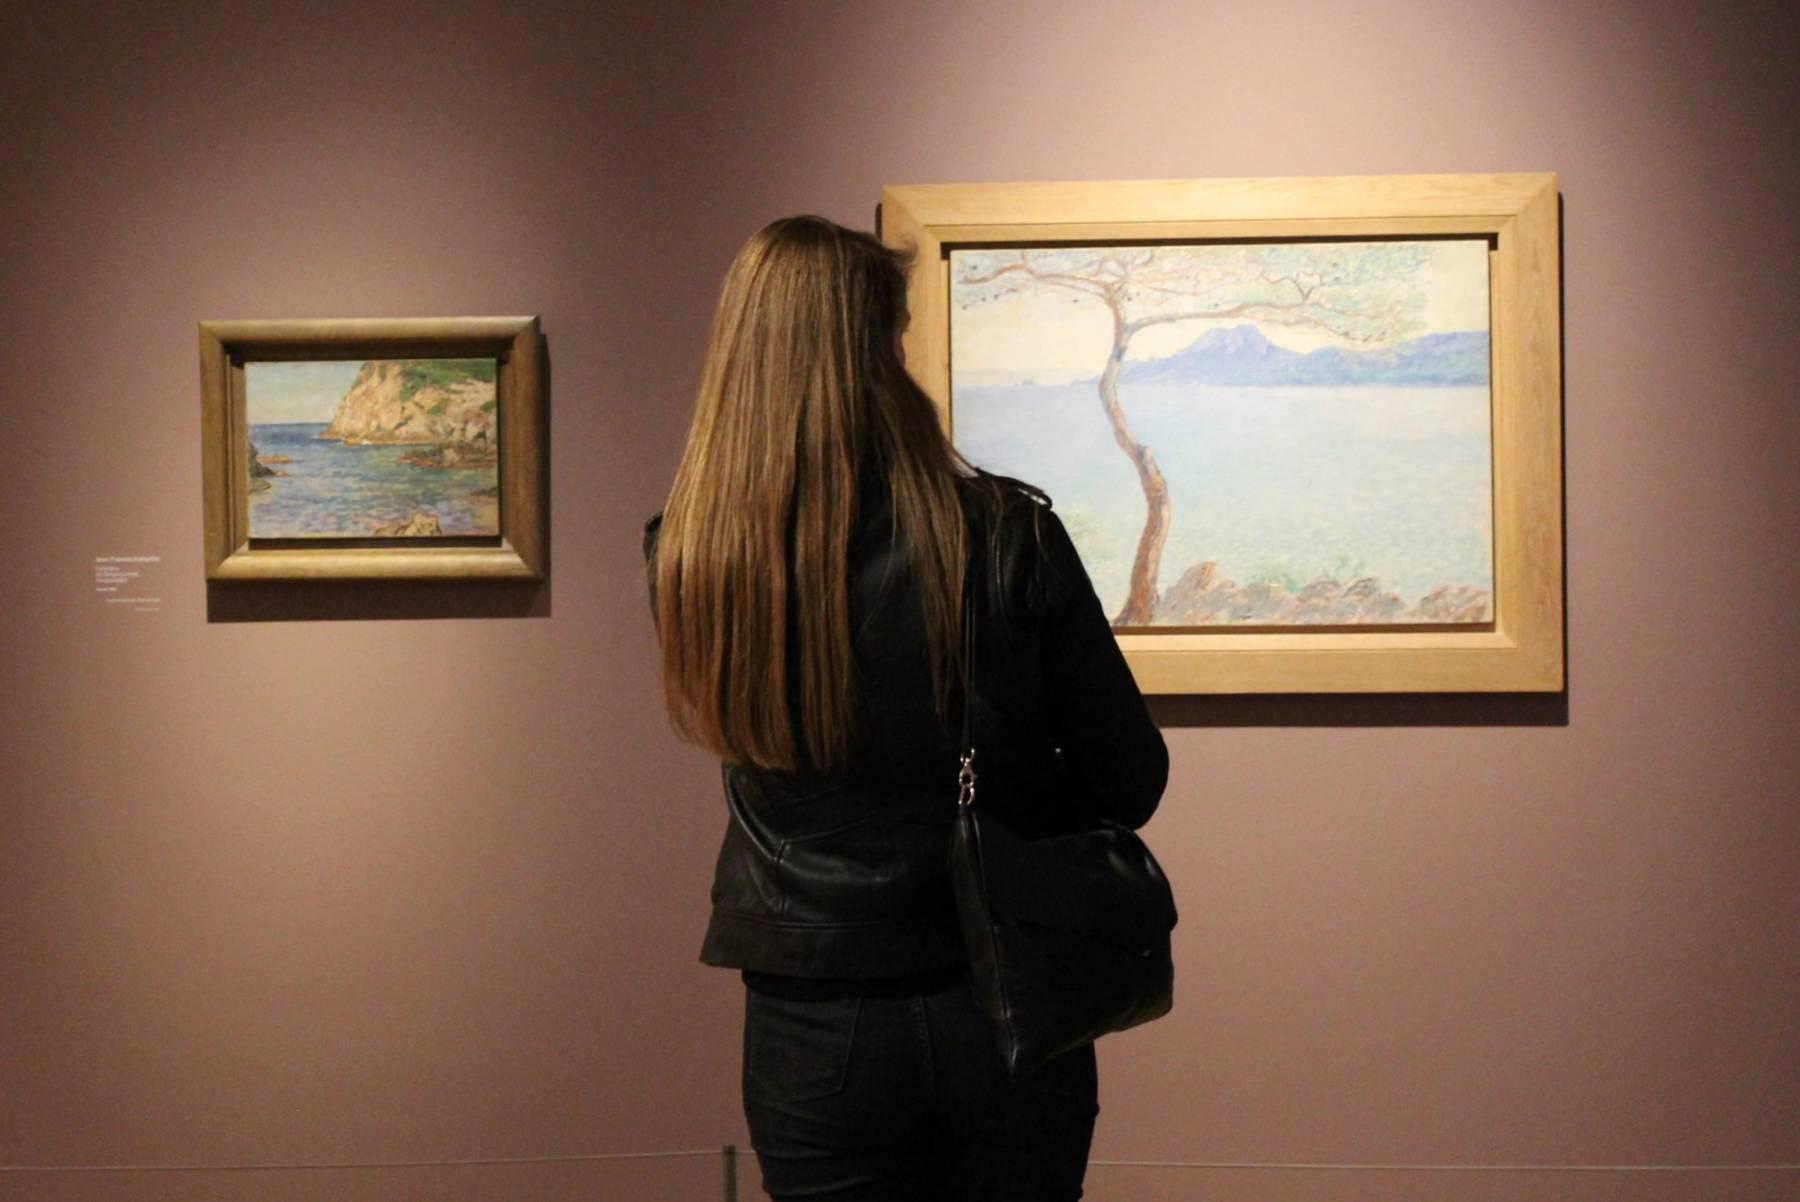 Visite privée : découvrez le musée autrement